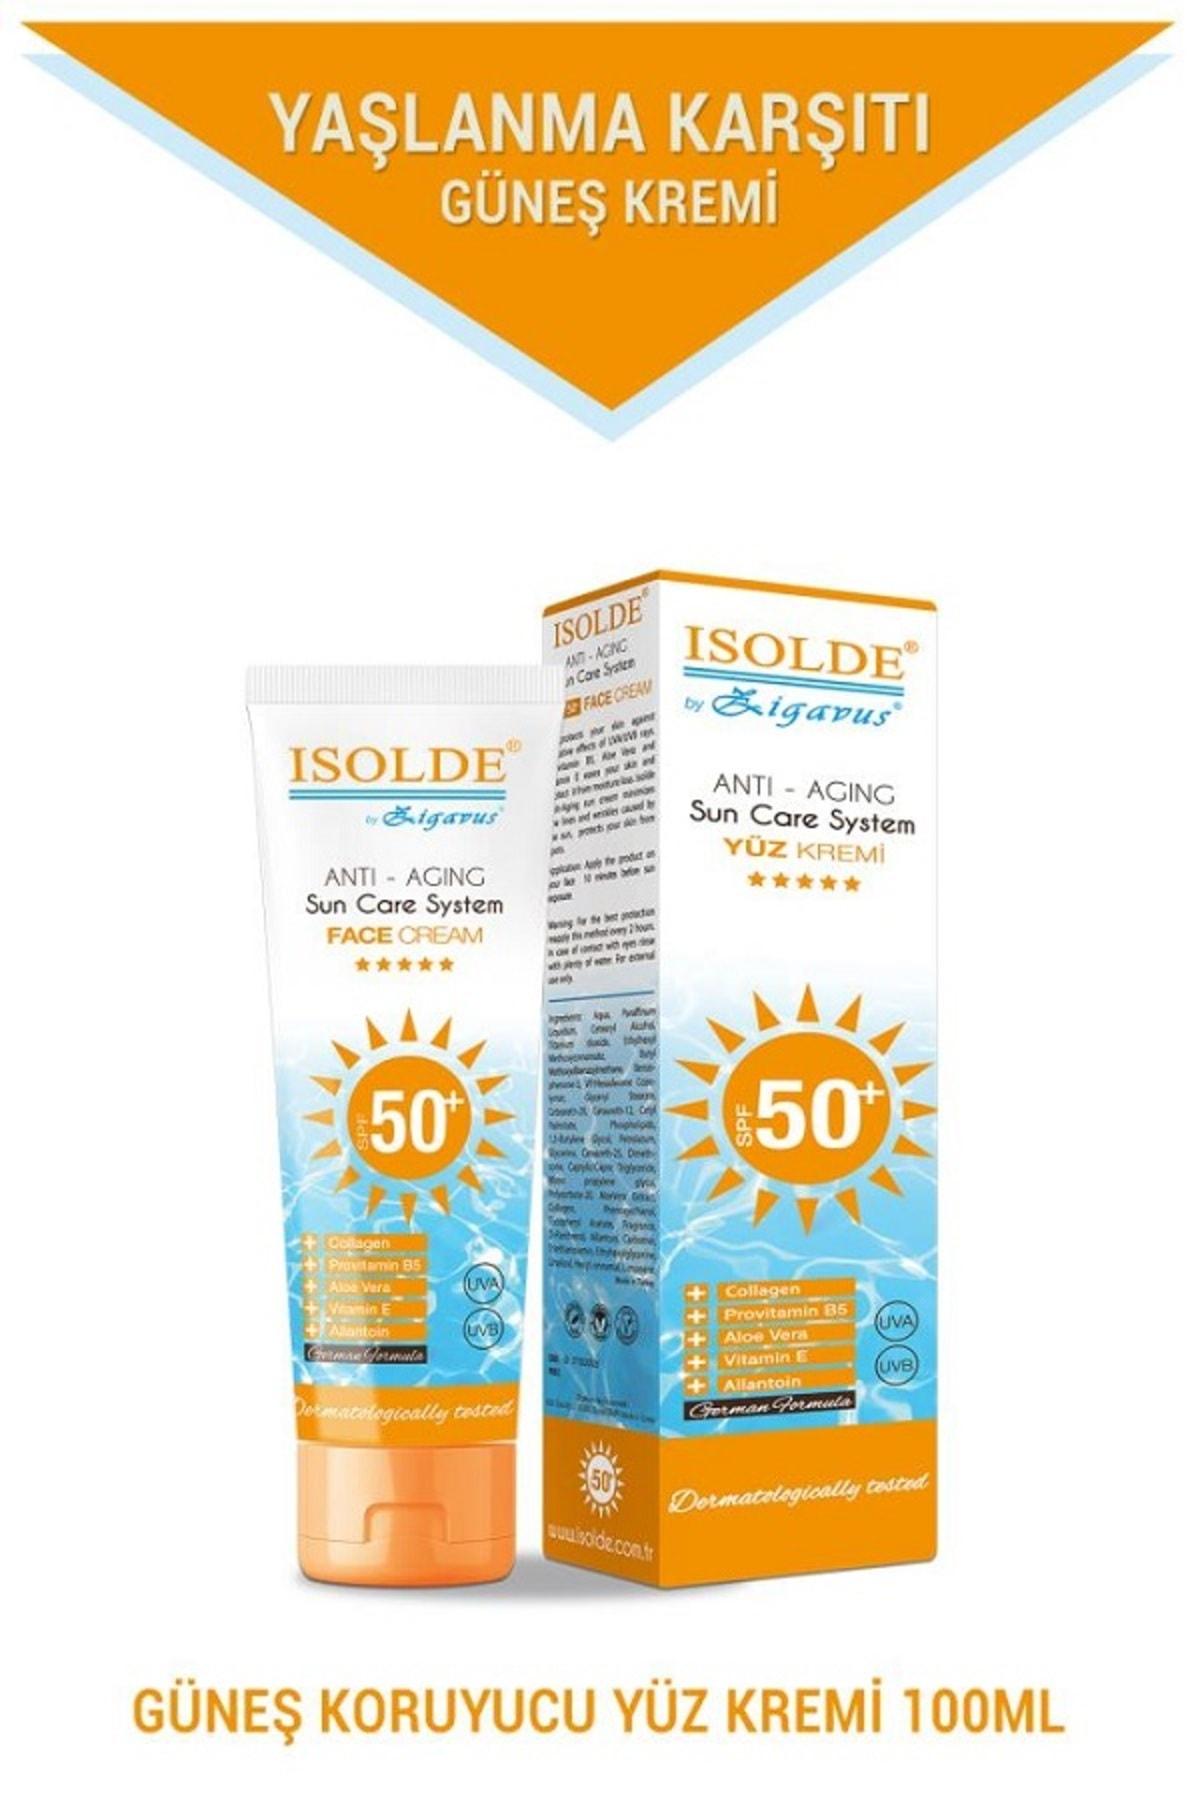 Zigavus Isolde Güneş Koruyucu Anti-Aging Yüz Kremi 50+ 100 ml